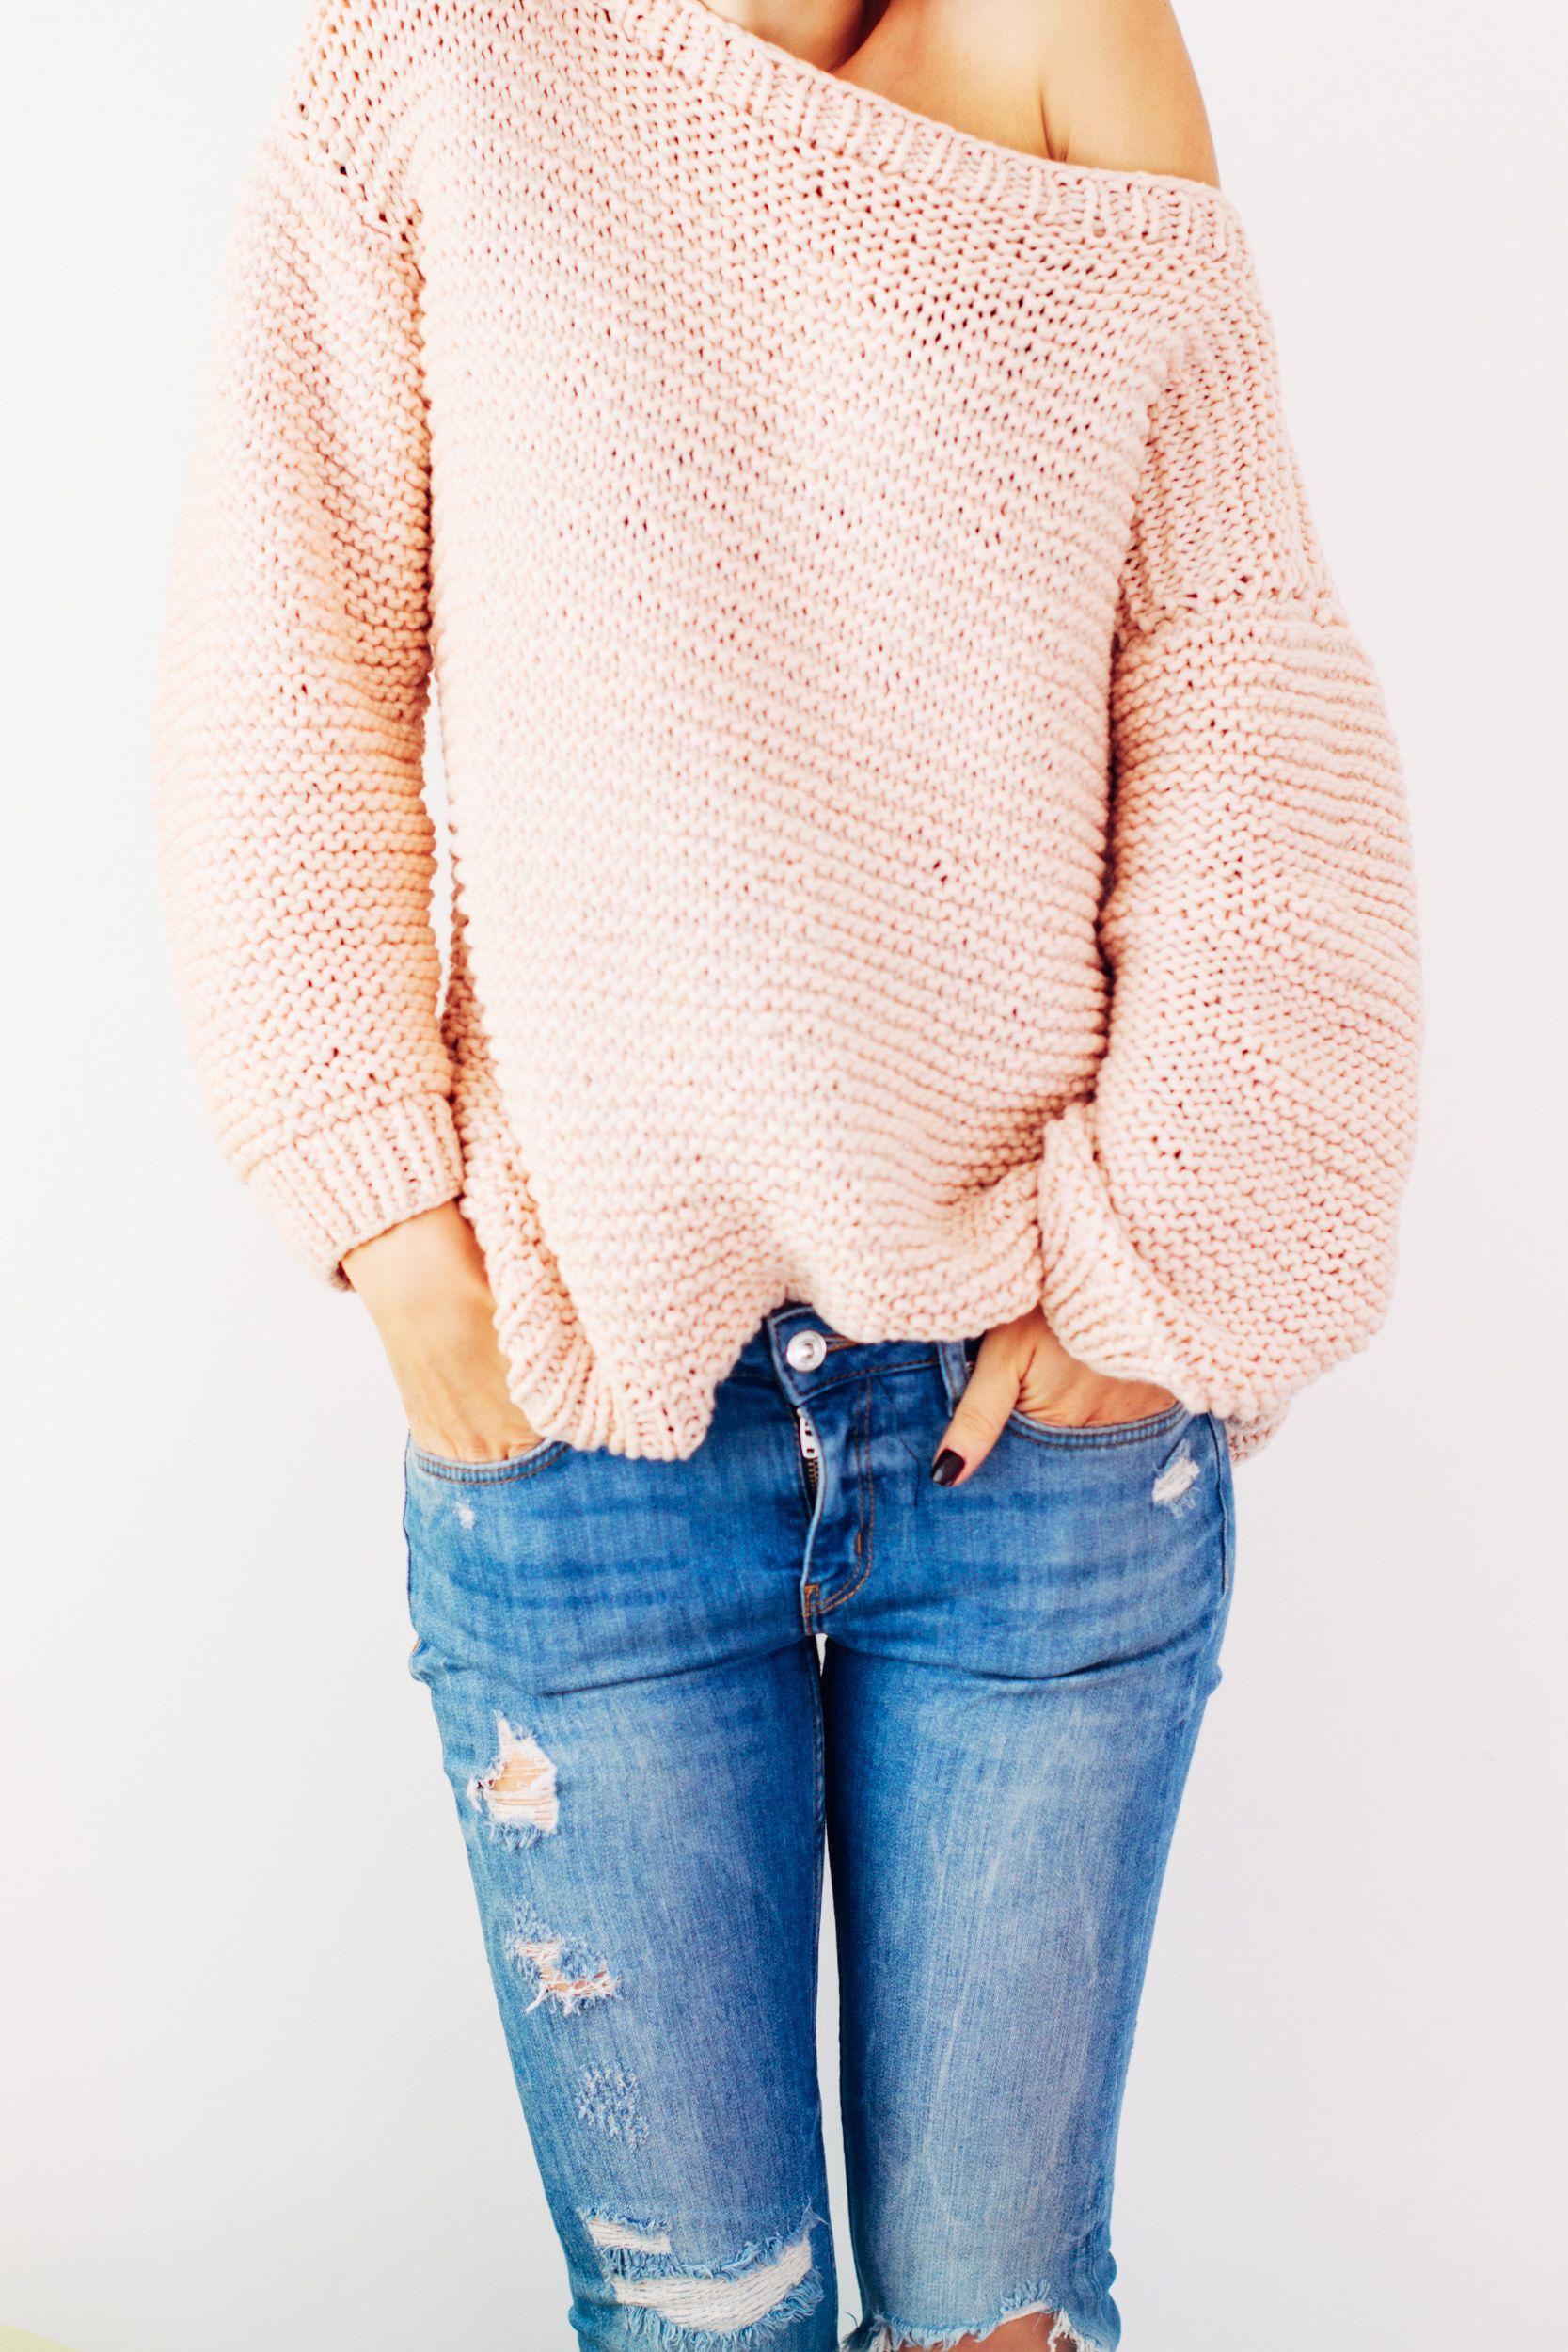 Oversized sweater knitting pattern free pattern sweater oversized sweater knitting pattern bankloansurffo Choice Image